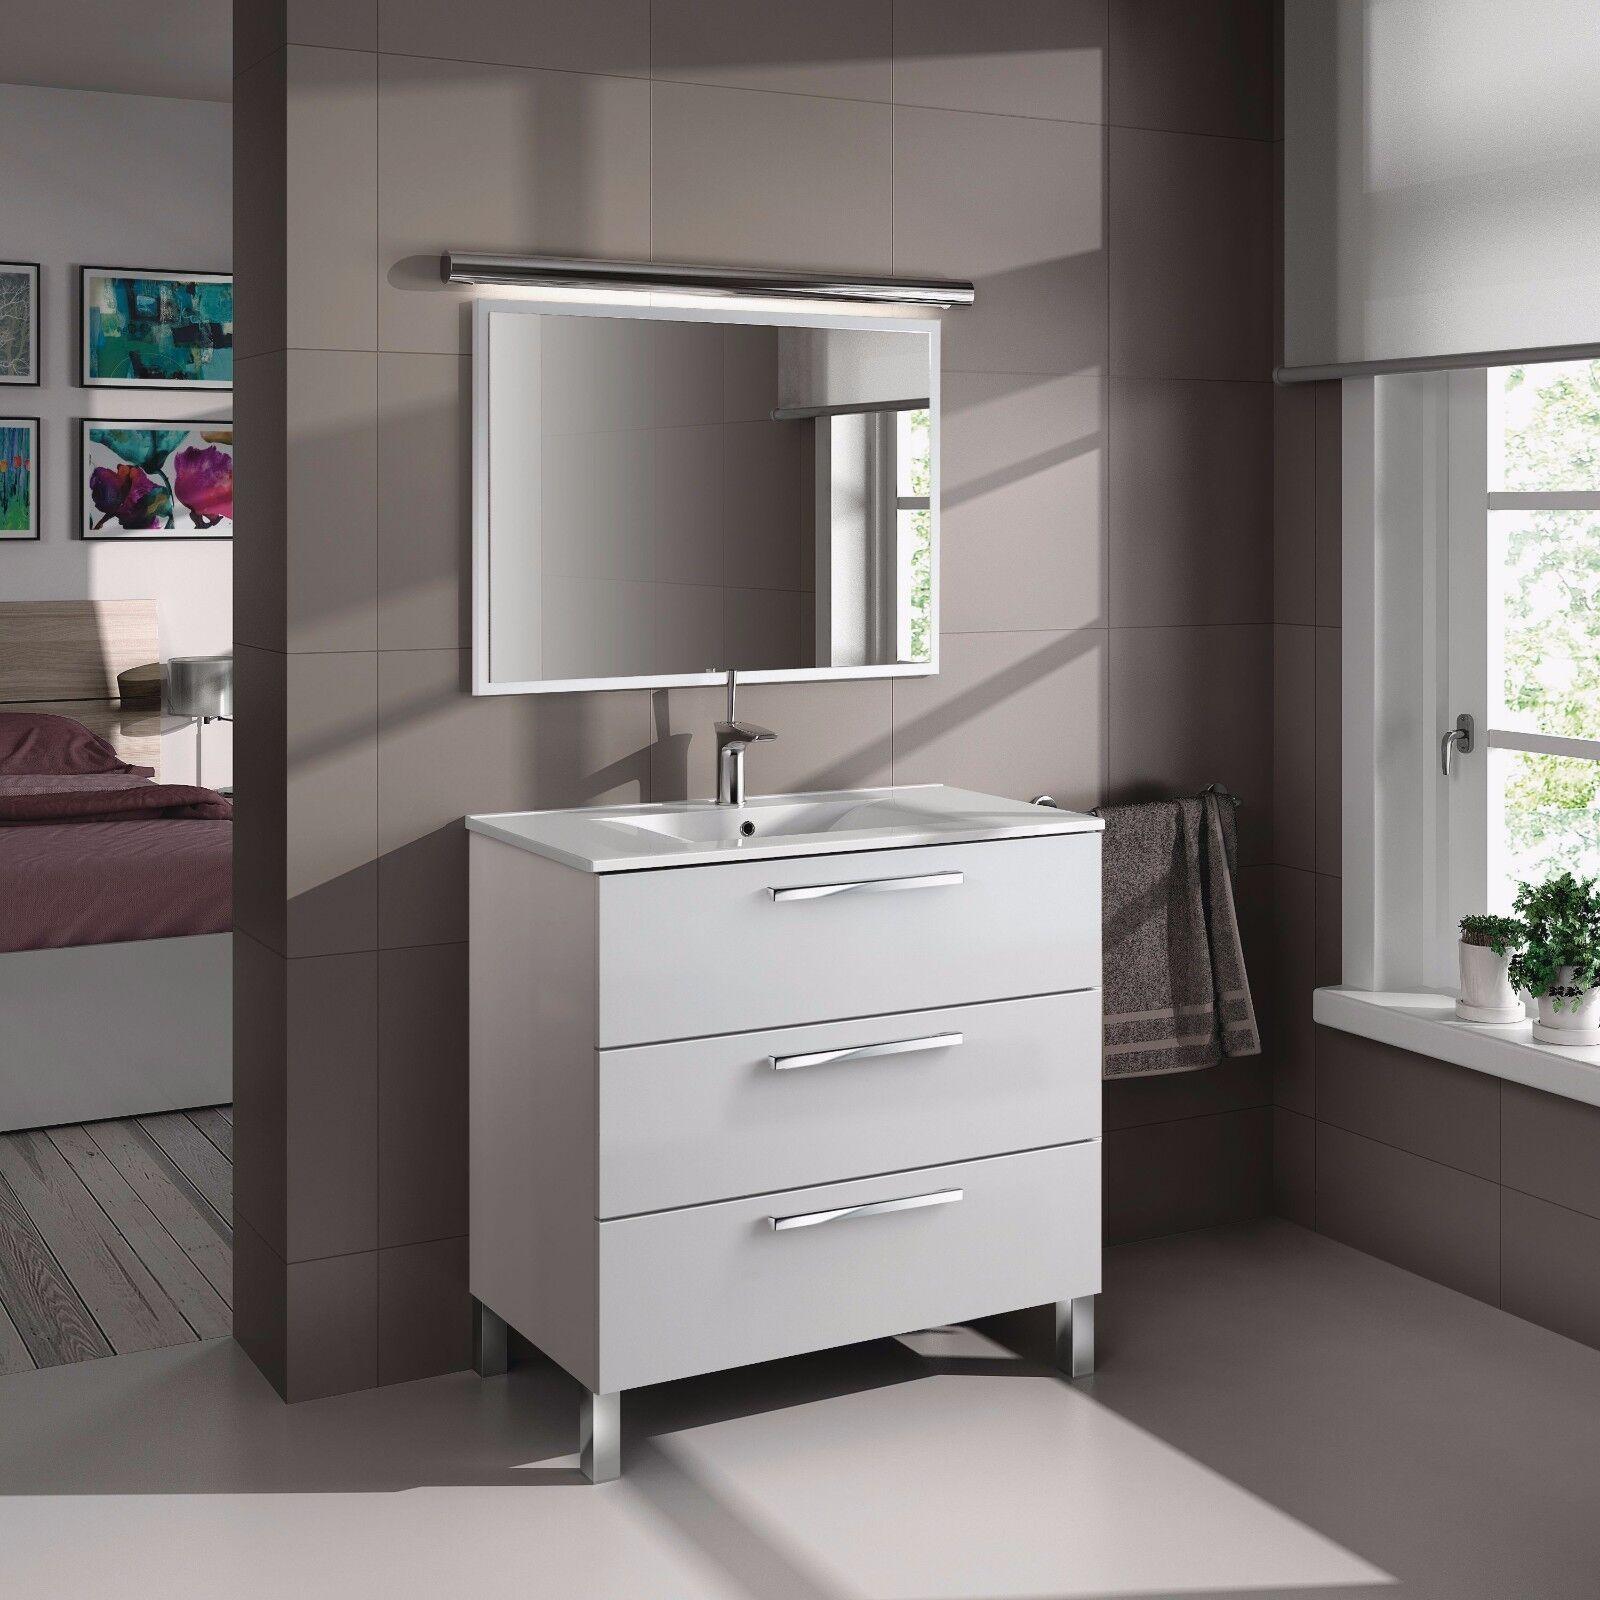 Mueble de baño o aseo con espejo y marco a juego blanco 80x86x45cm ...